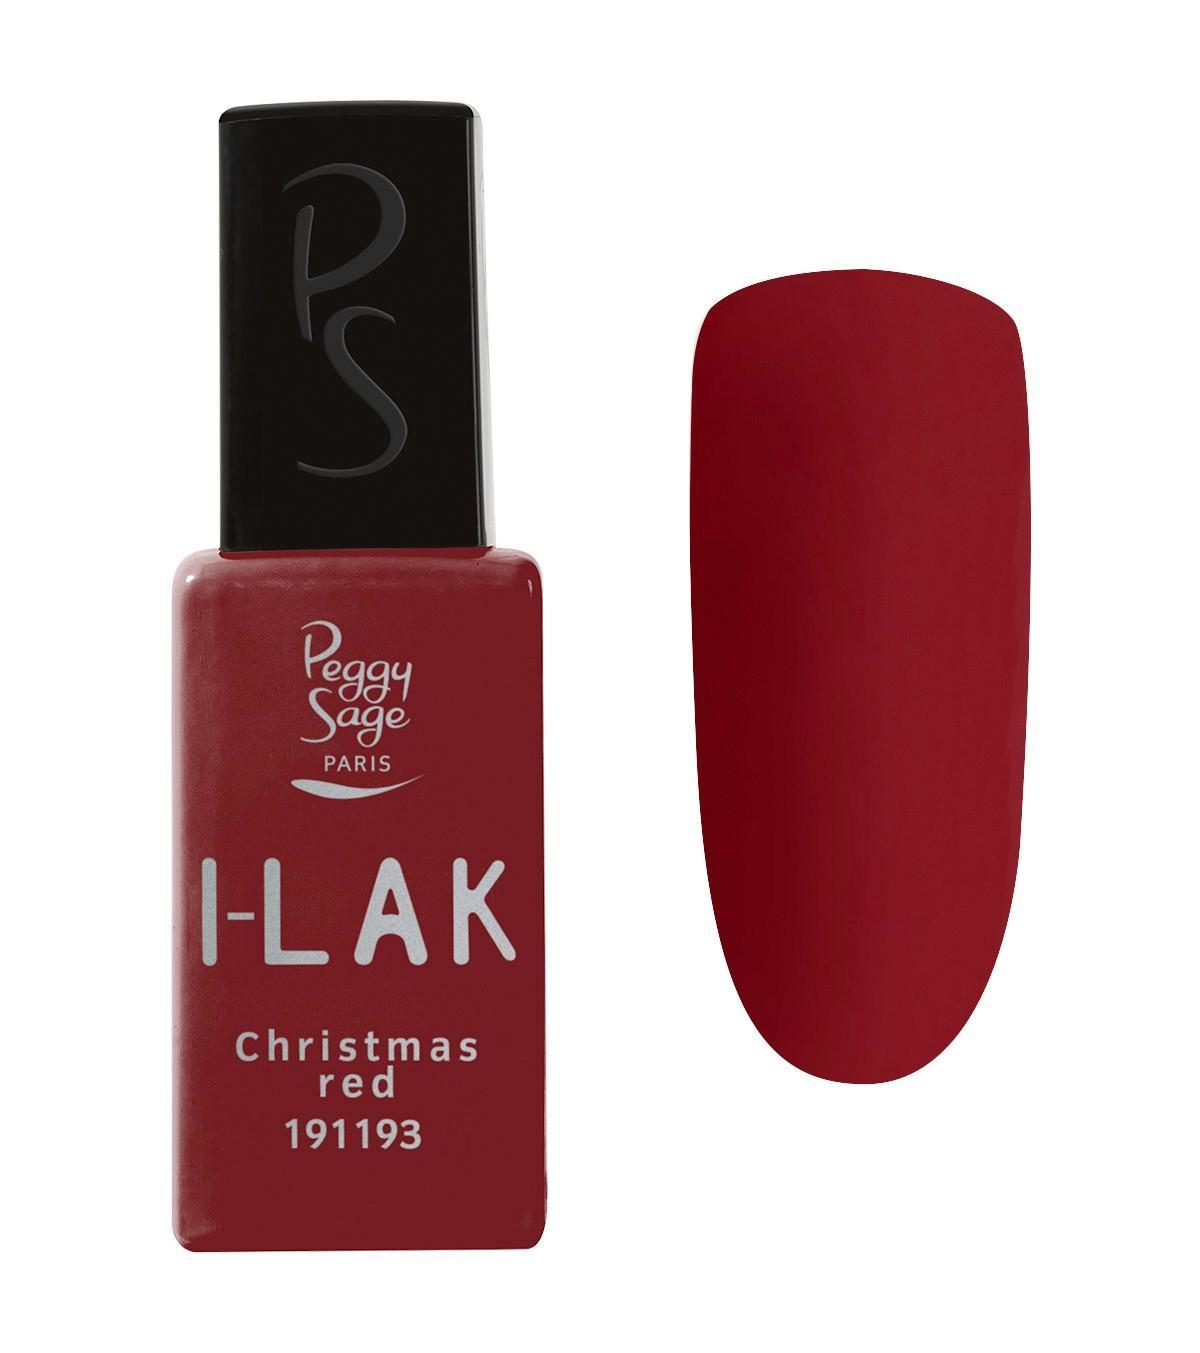 I-LAK Christmas red